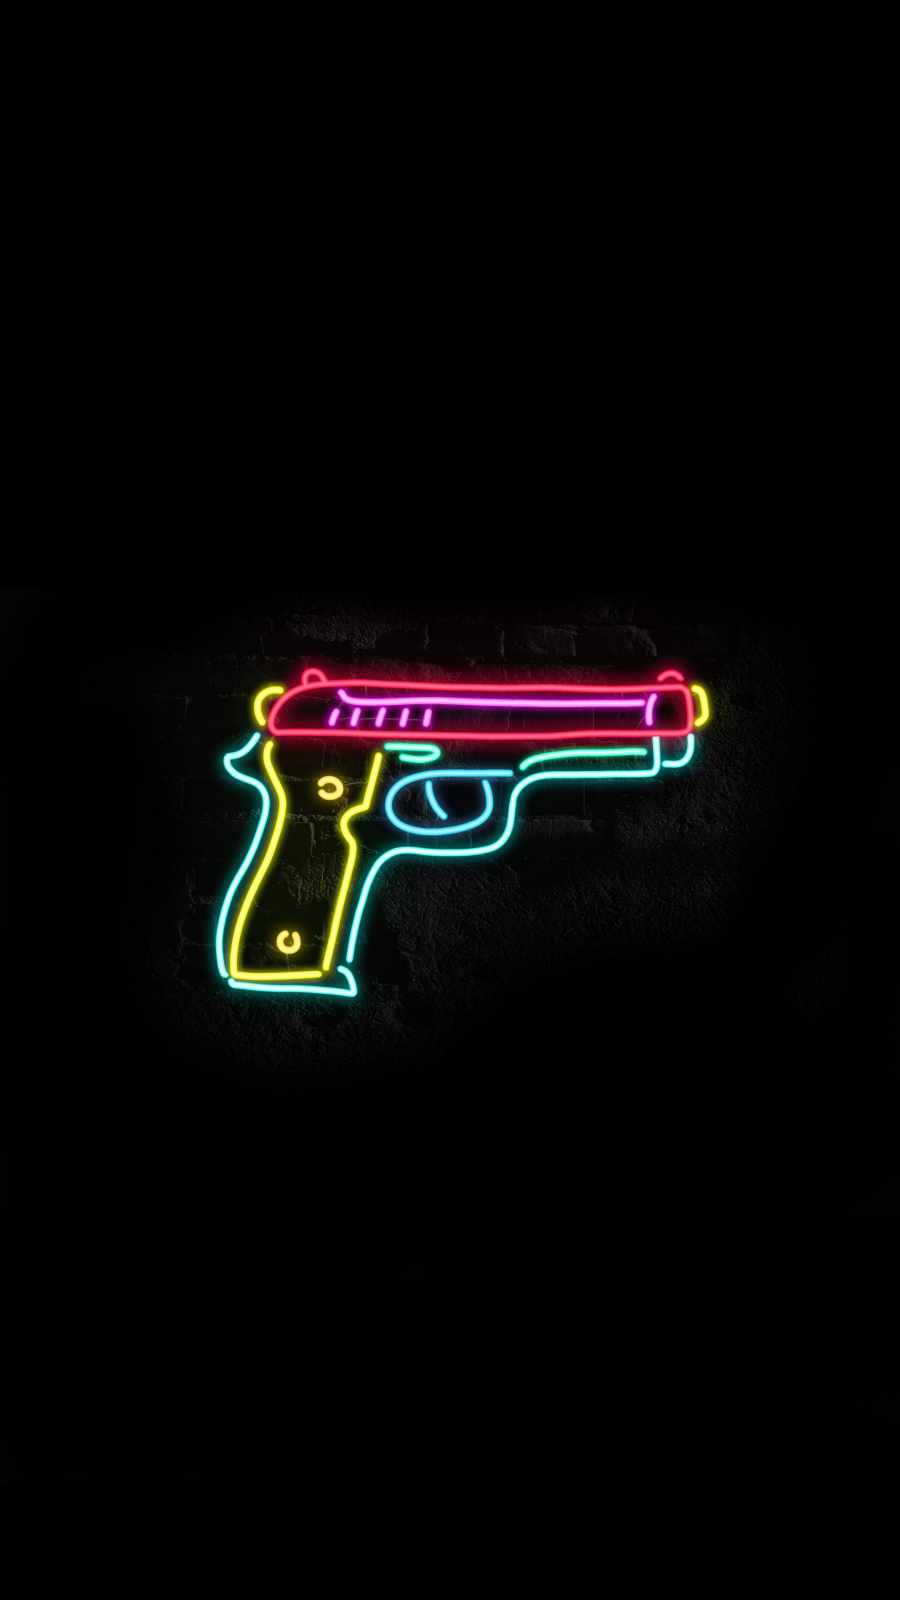 Neon Pistol iPhone Wallpaper